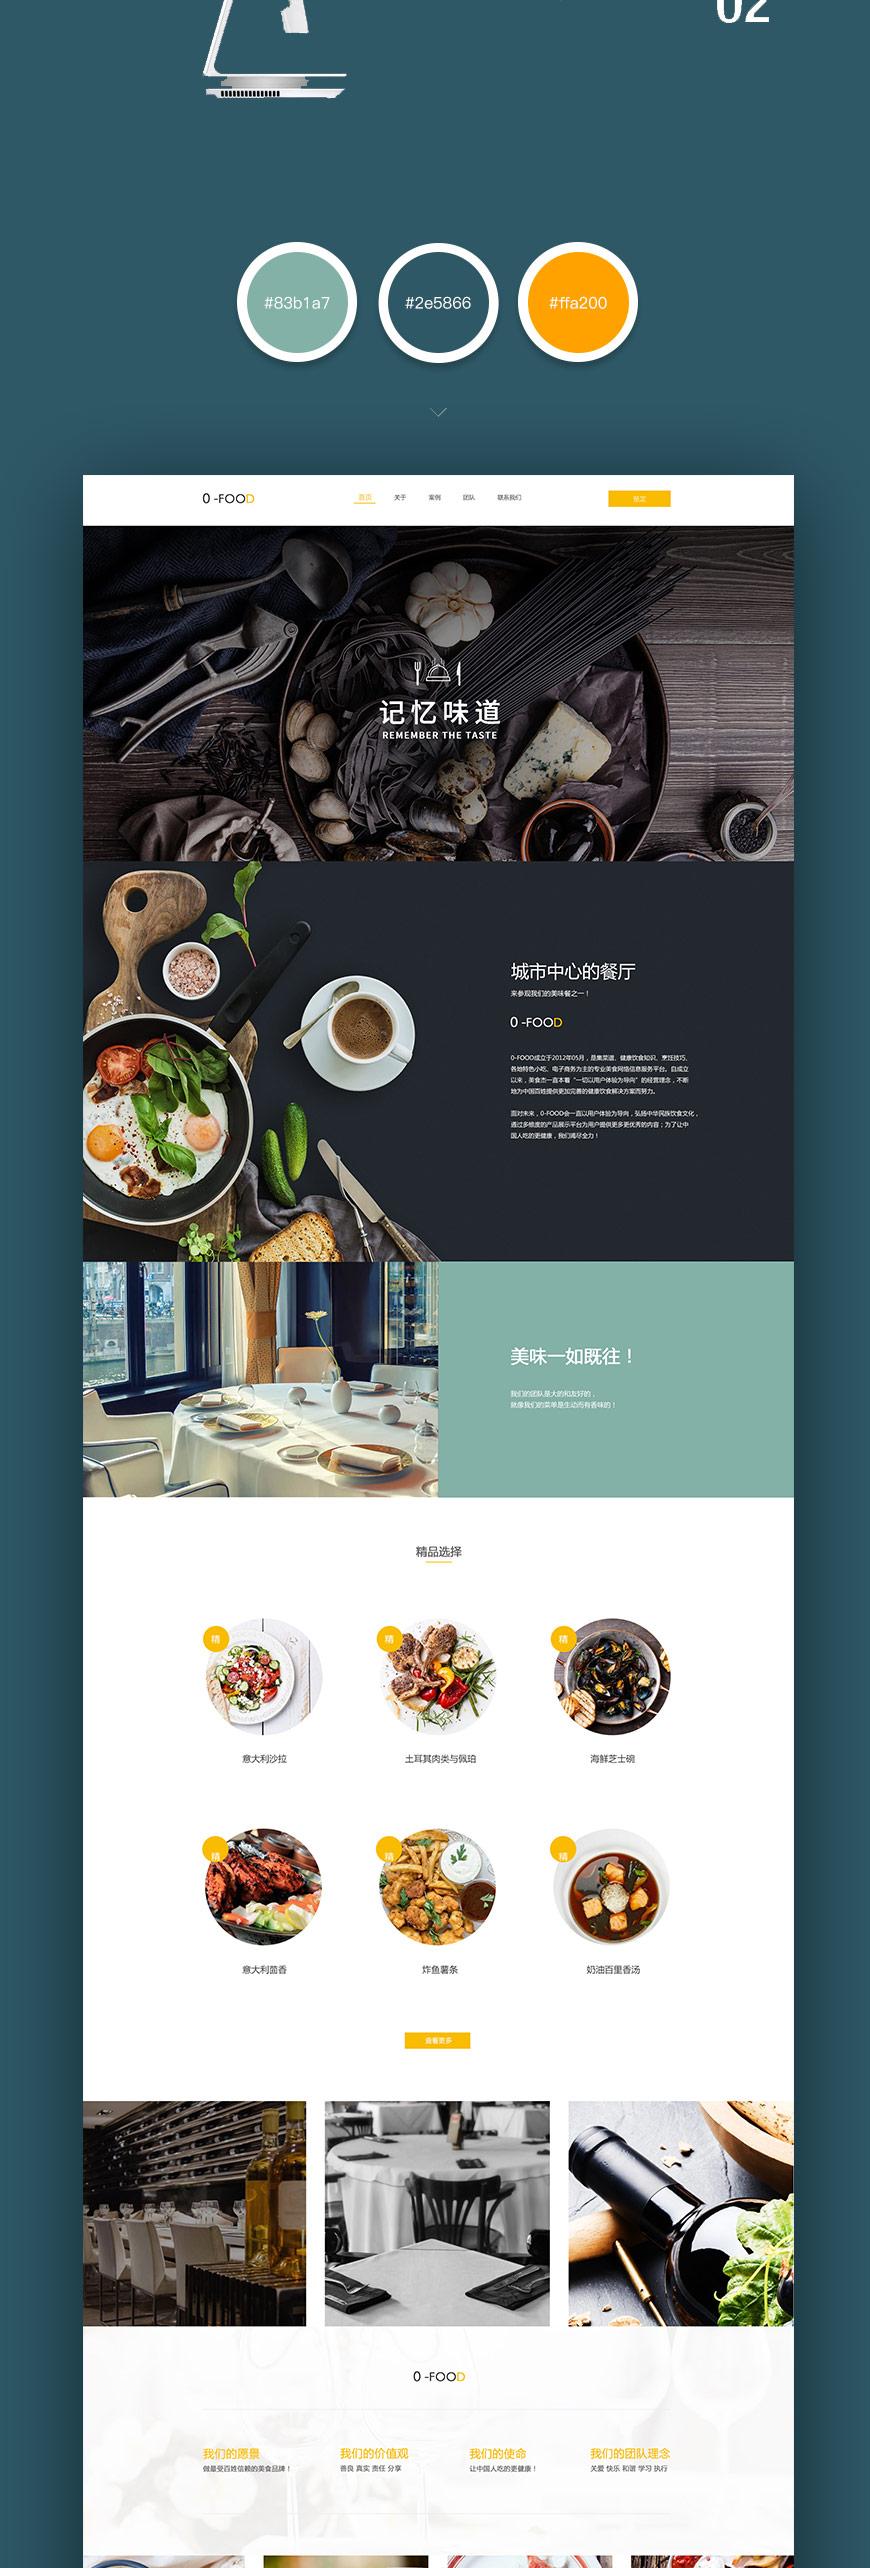 模板网站-详情页-02_02.jpg